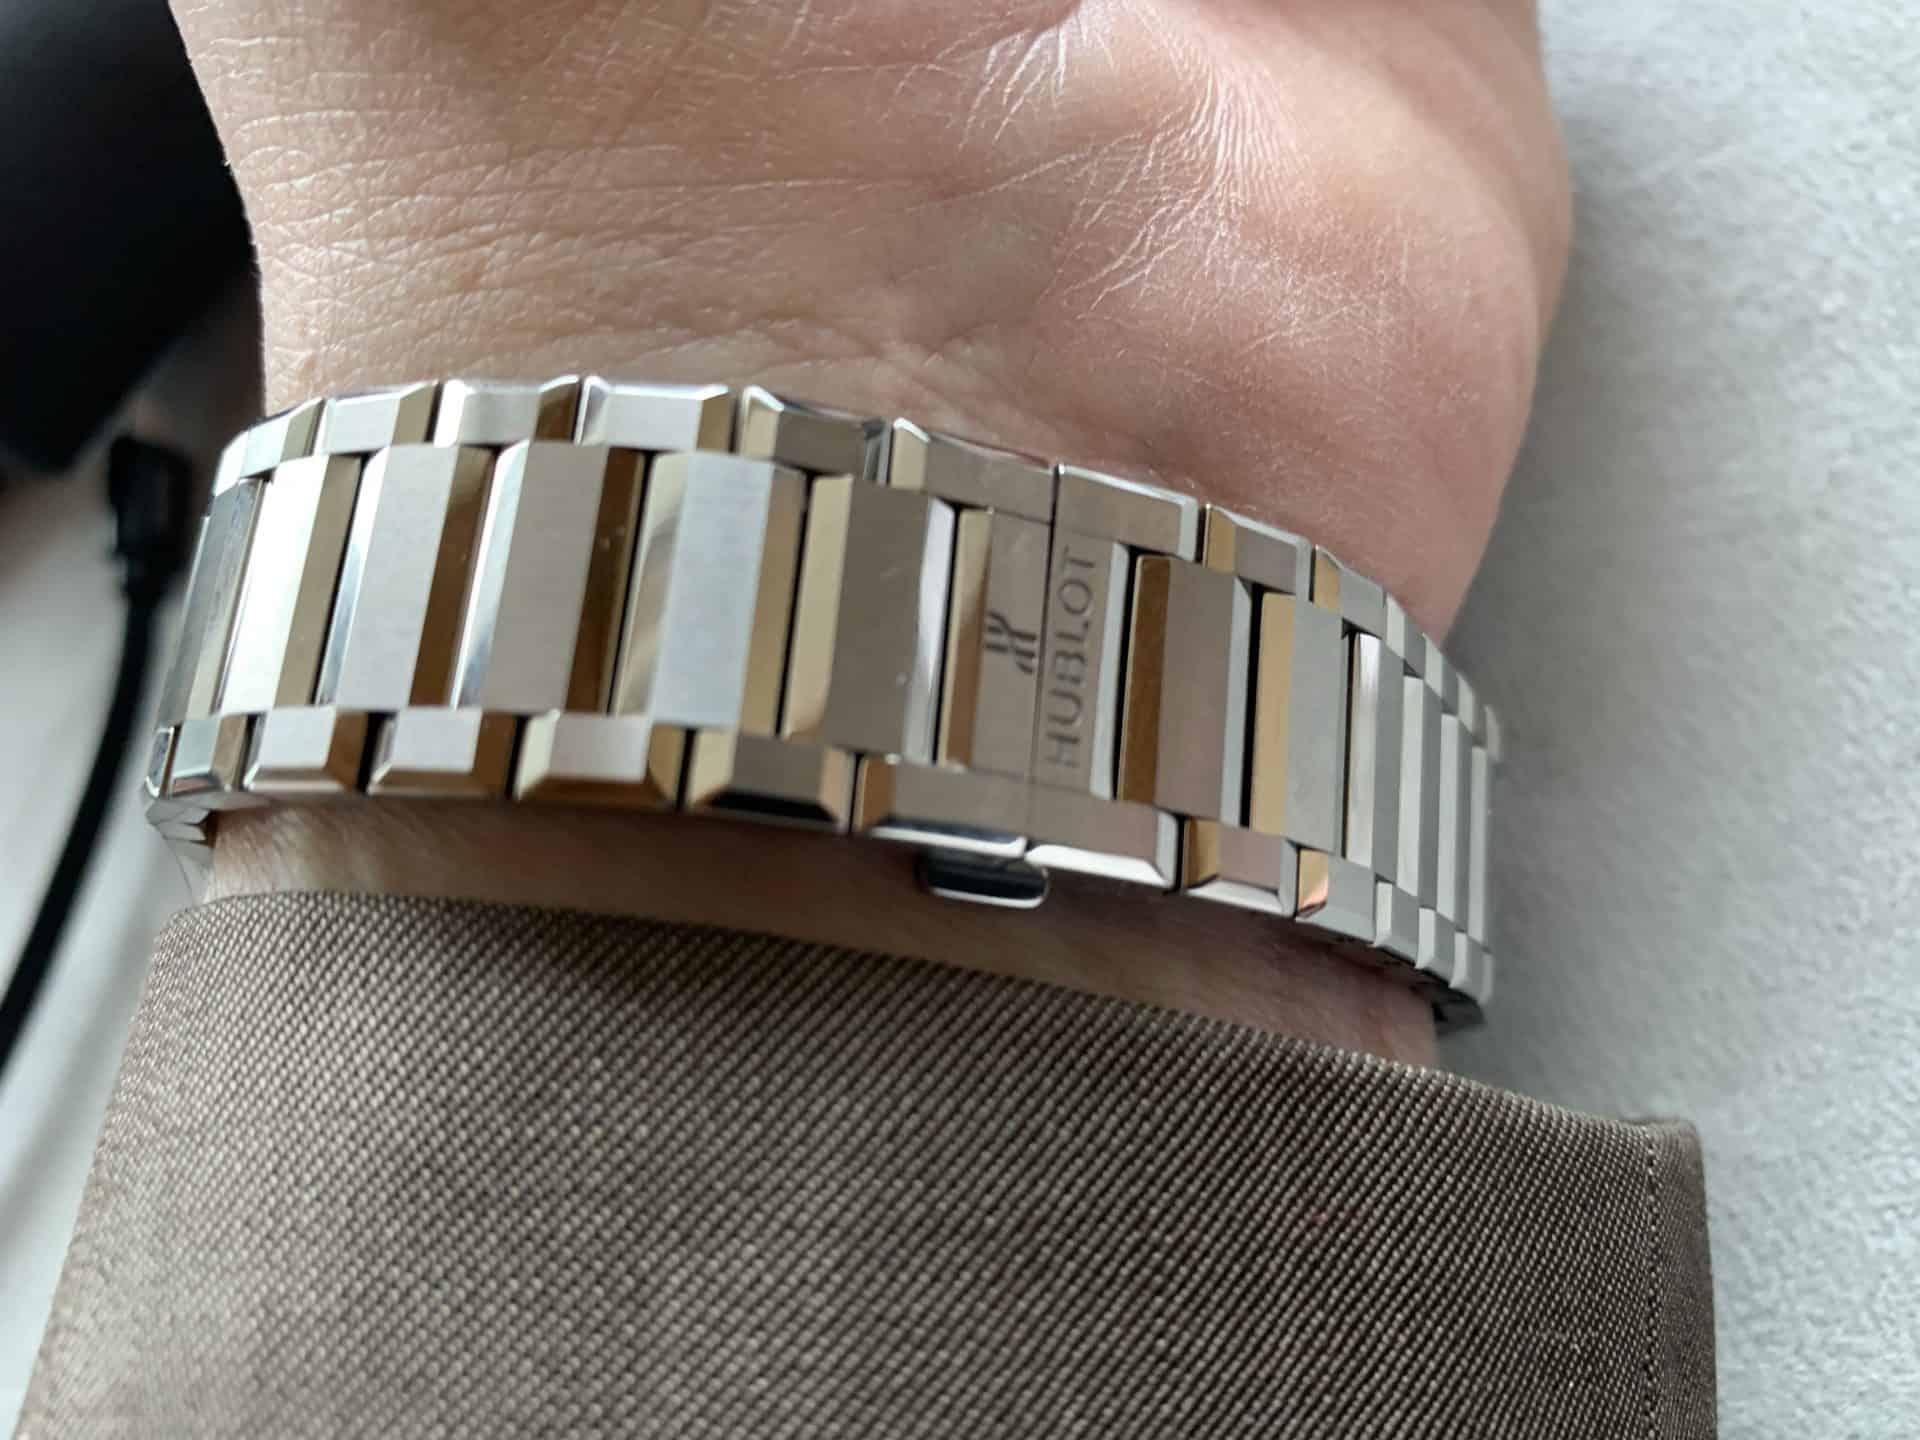 Das Metall-Armband der Big Bang Integral verjüngt sich nicht, sondern bleibt breit in der Form